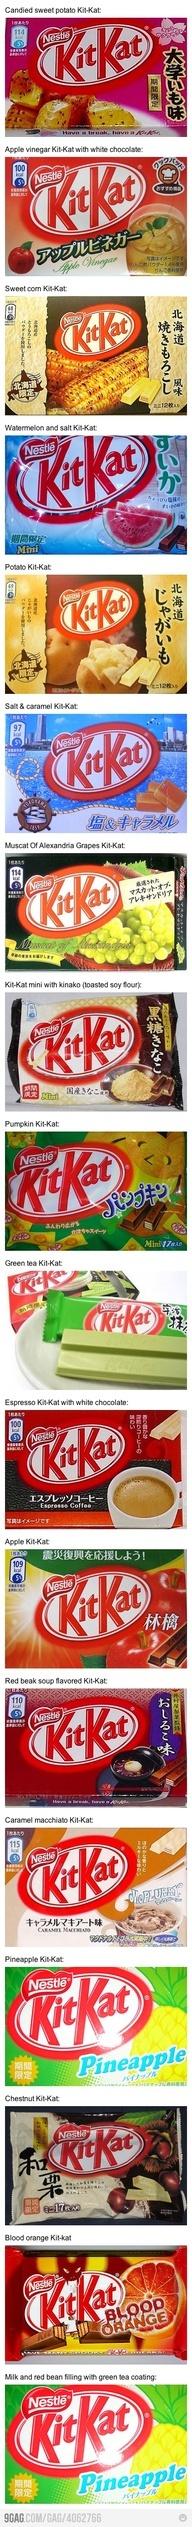 a variety of KitKat.